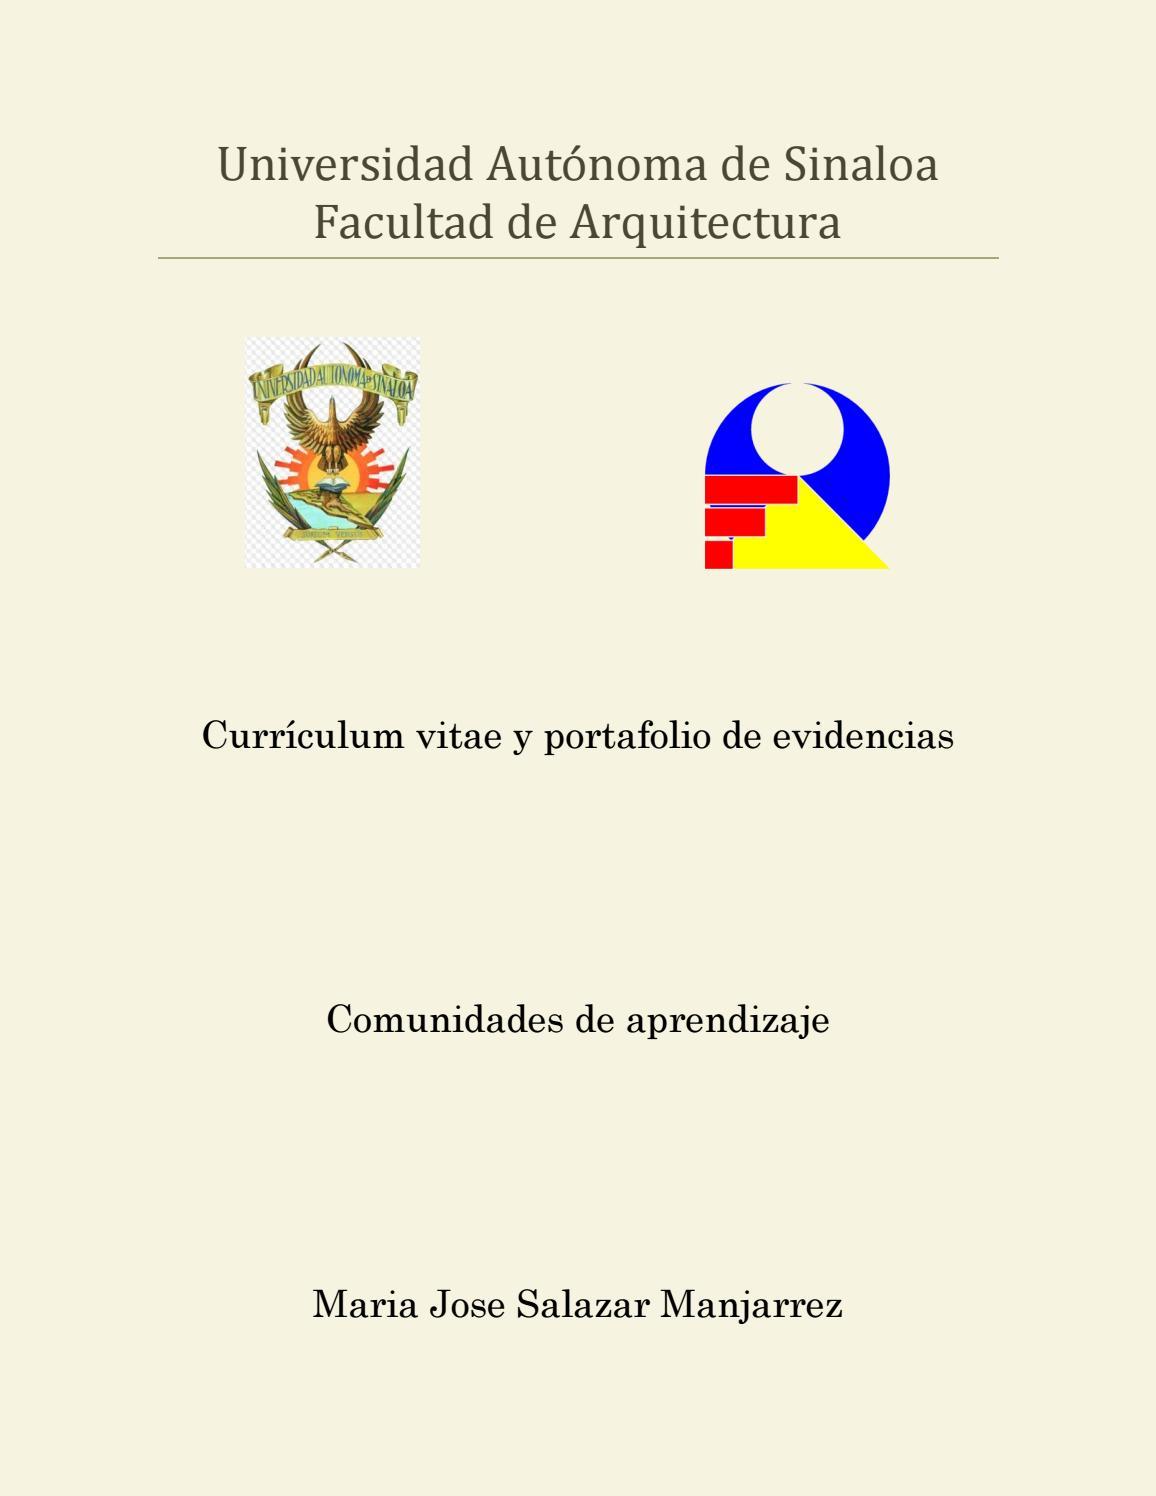 CURRICULUM VITAE y PORTAFOLIO DE PROYECTOS (Comunidades UAS) by ...